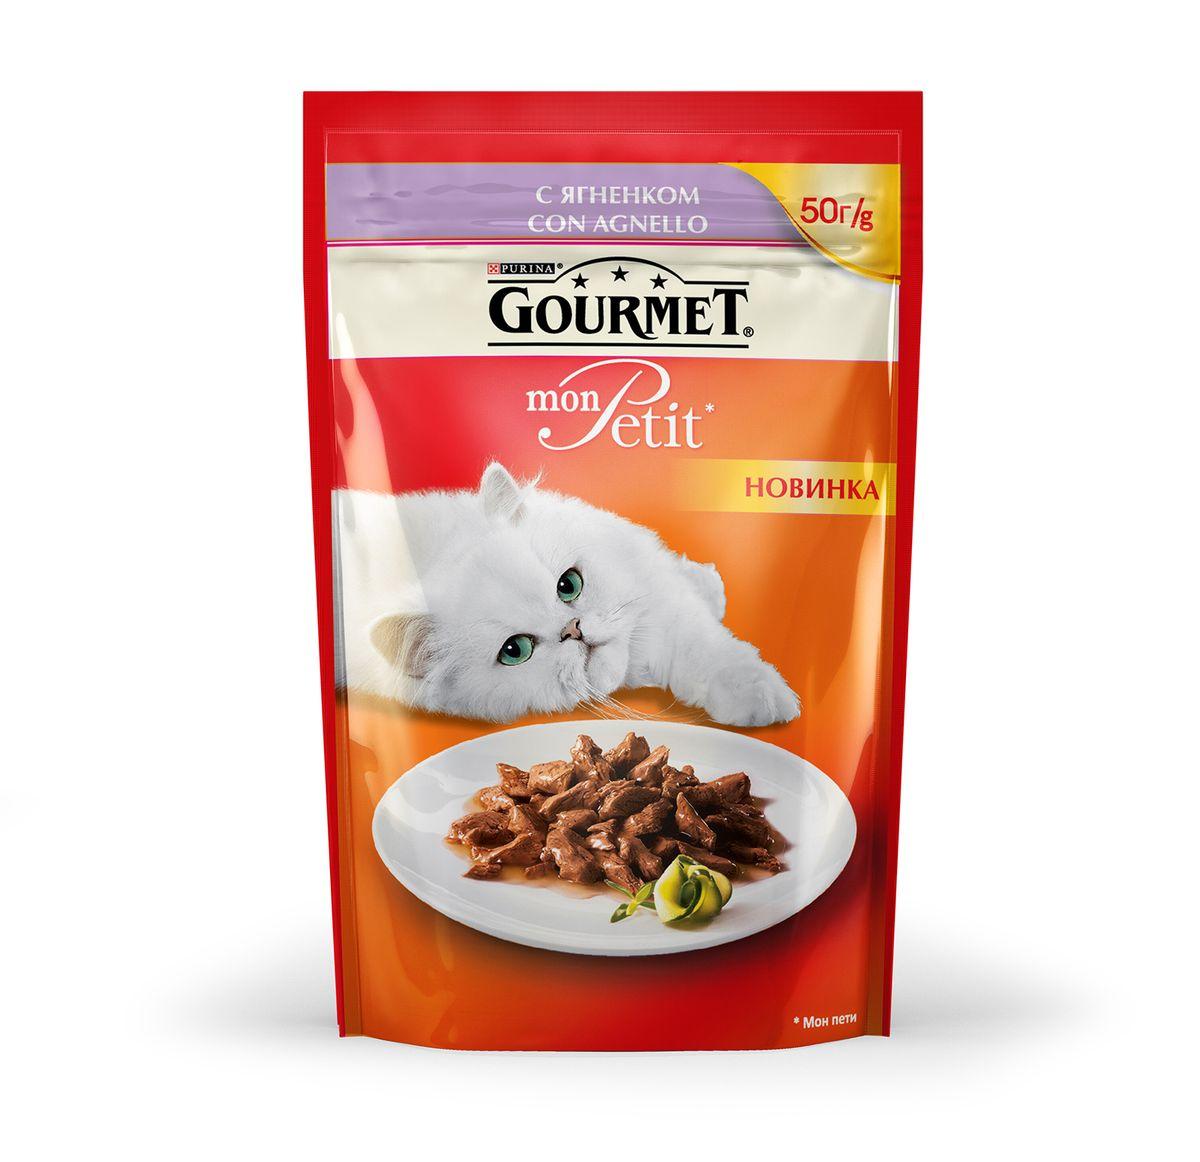 Консервы Gourmet Mon Petit, для взрослых кошек, с ягненком, 50 г24Настоящие гурманы знают, что ничто не сравнится с восхитительным вкусом только что приготовленного блюда. Именно тогда изысканное сочетание превосходных ингредиентов раскрывается наиболее ярко. Ваши питомцы достойны вкусного питания - аппетитного обеда из нежнейших кусочков мяса из только что открытого пакетика. Особый формат упаковки Gourmet Mon Petit (50 г) удобен тем, что содержит порцию оптимального размера. Это позволяет вашему пушистому гурману доесть все сразу до последнего кусочка, наслаждаясь пиком вкуса великолепного продукта. Больше не придется хранить остатки в холодильнике и на следующий день уговаривать своего питомца все это съесть. Ведь он, как настоящий гурман, понимает, что вкусно только то, что сразу же оказывается у него на тарелке. Вы можете быть уверены - ваш гурман оценит изысканное сочетание высококачественных ингредиентов, бережно приготовленных в аппетитном соусе. Состав: мясо и продукты переработки мяса (в том числе ягнятина 4%), экстракт растительного белка, рыба и продукты переработки рыбы, минеральные вещества, сахара, дрожжи, витамины.Добавленные вещества: витамин A 732 МЕ/кг; витамин D3 112 МЕ/кг; железо 8,4 мг/кг; йод 0,21 мг/кг; медь 0,73 мг/кг; марганец 1,6 мг/кг; цинк 15 мг/кг.Пищевая ценность в 100 г: влажность 81,4%, белок 12,3%, жир 2,8%, сырая зола 1,6%, сырая клетчатка 0,07%.Товар сертифицирован.